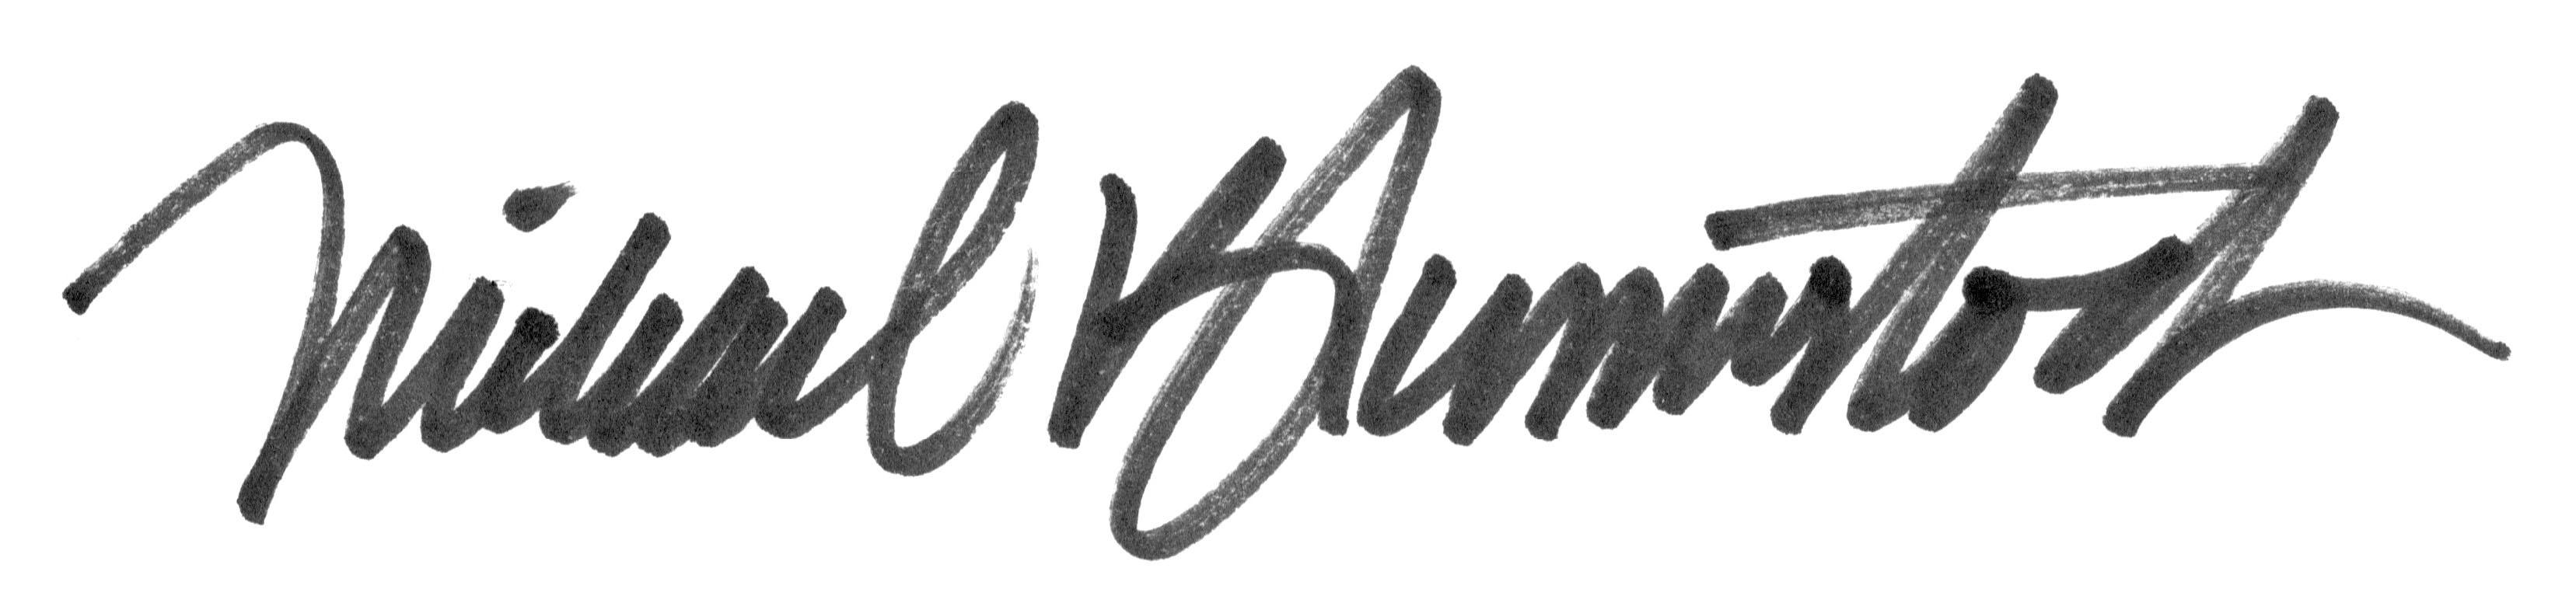 michael blumenstock's Signature